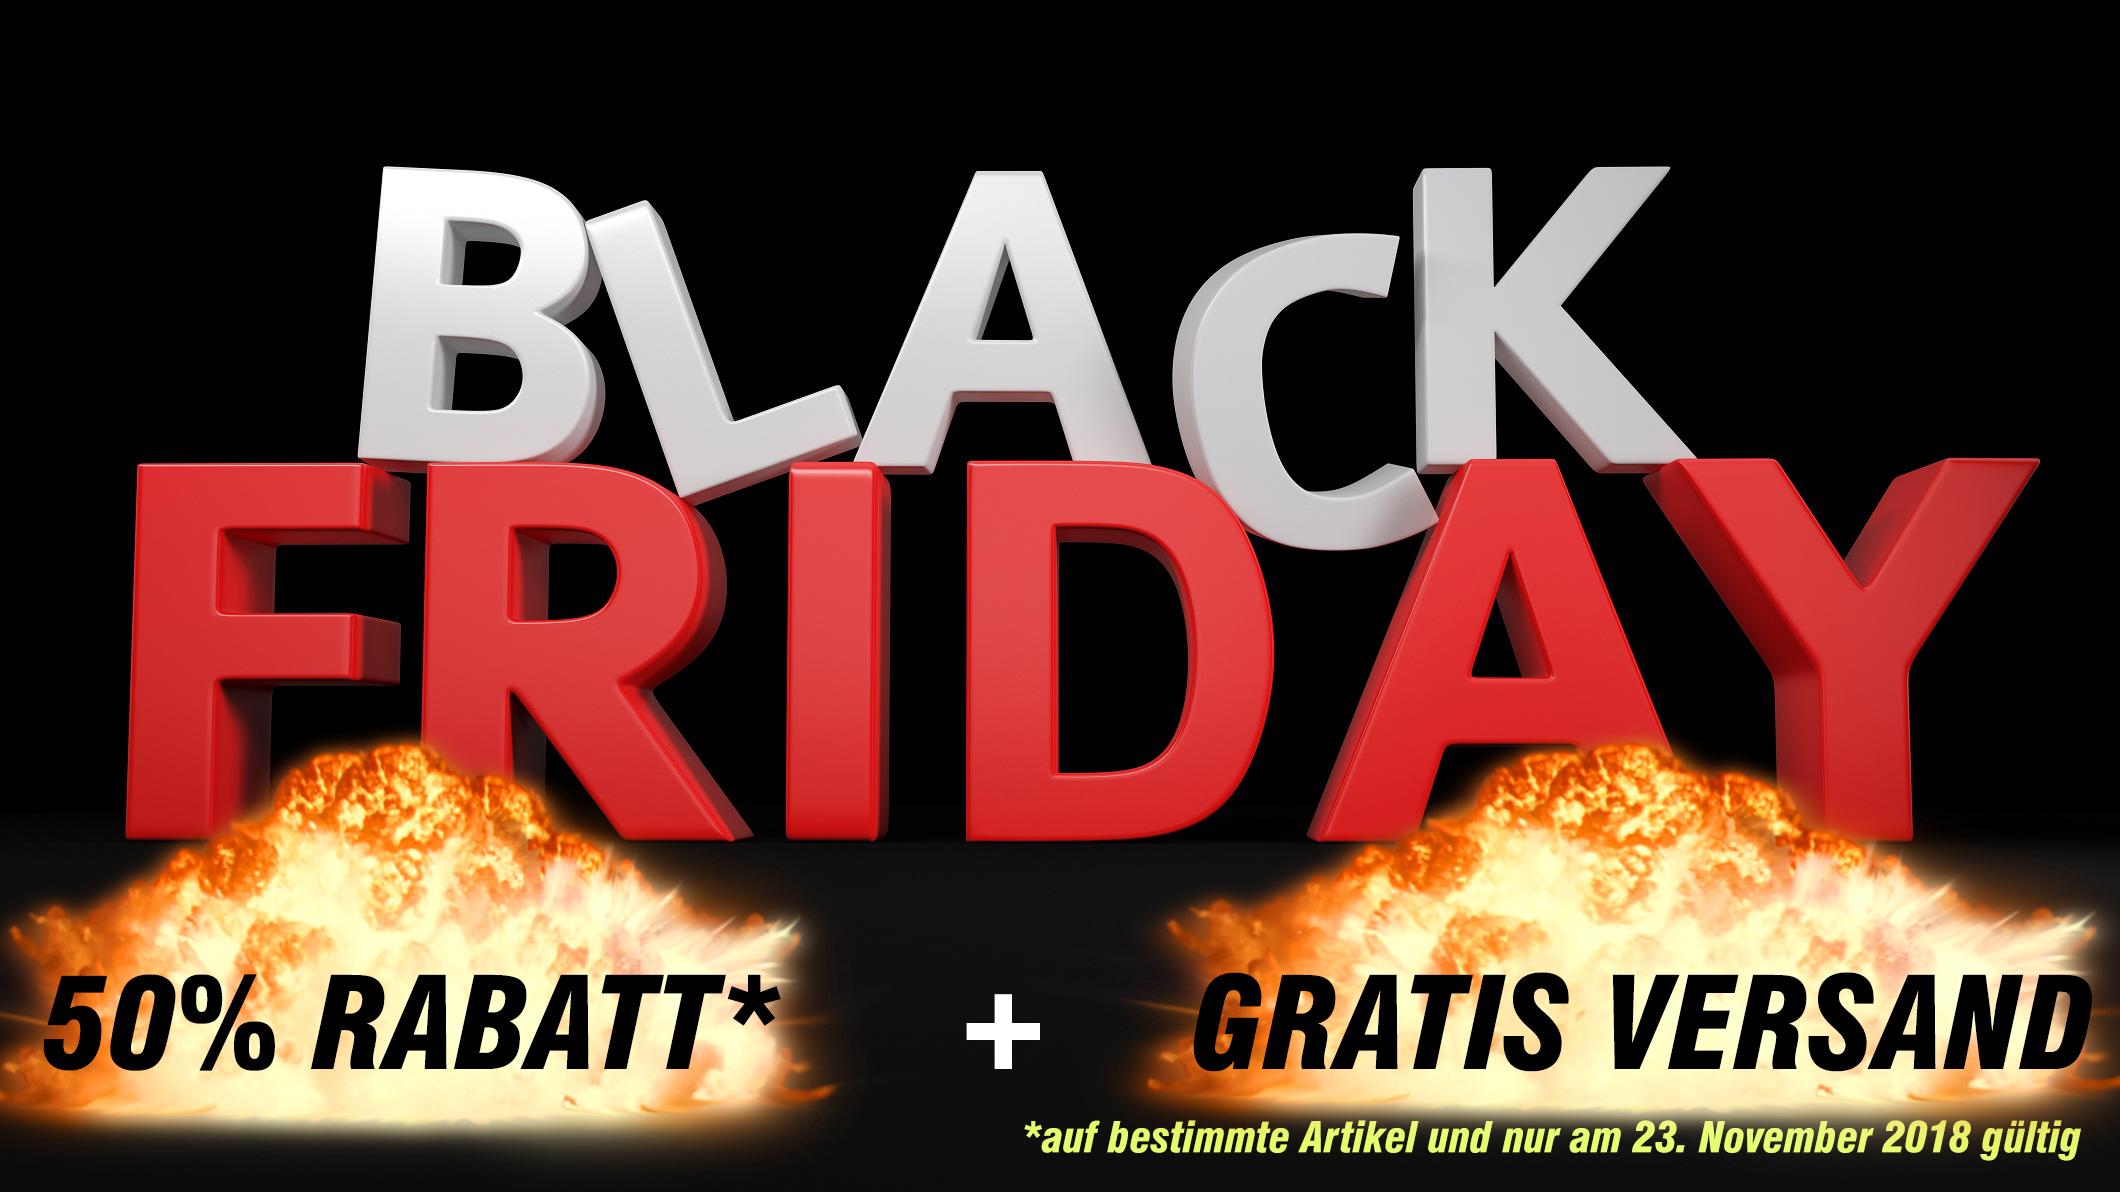 BLACK FRIDAY 50% RABATT